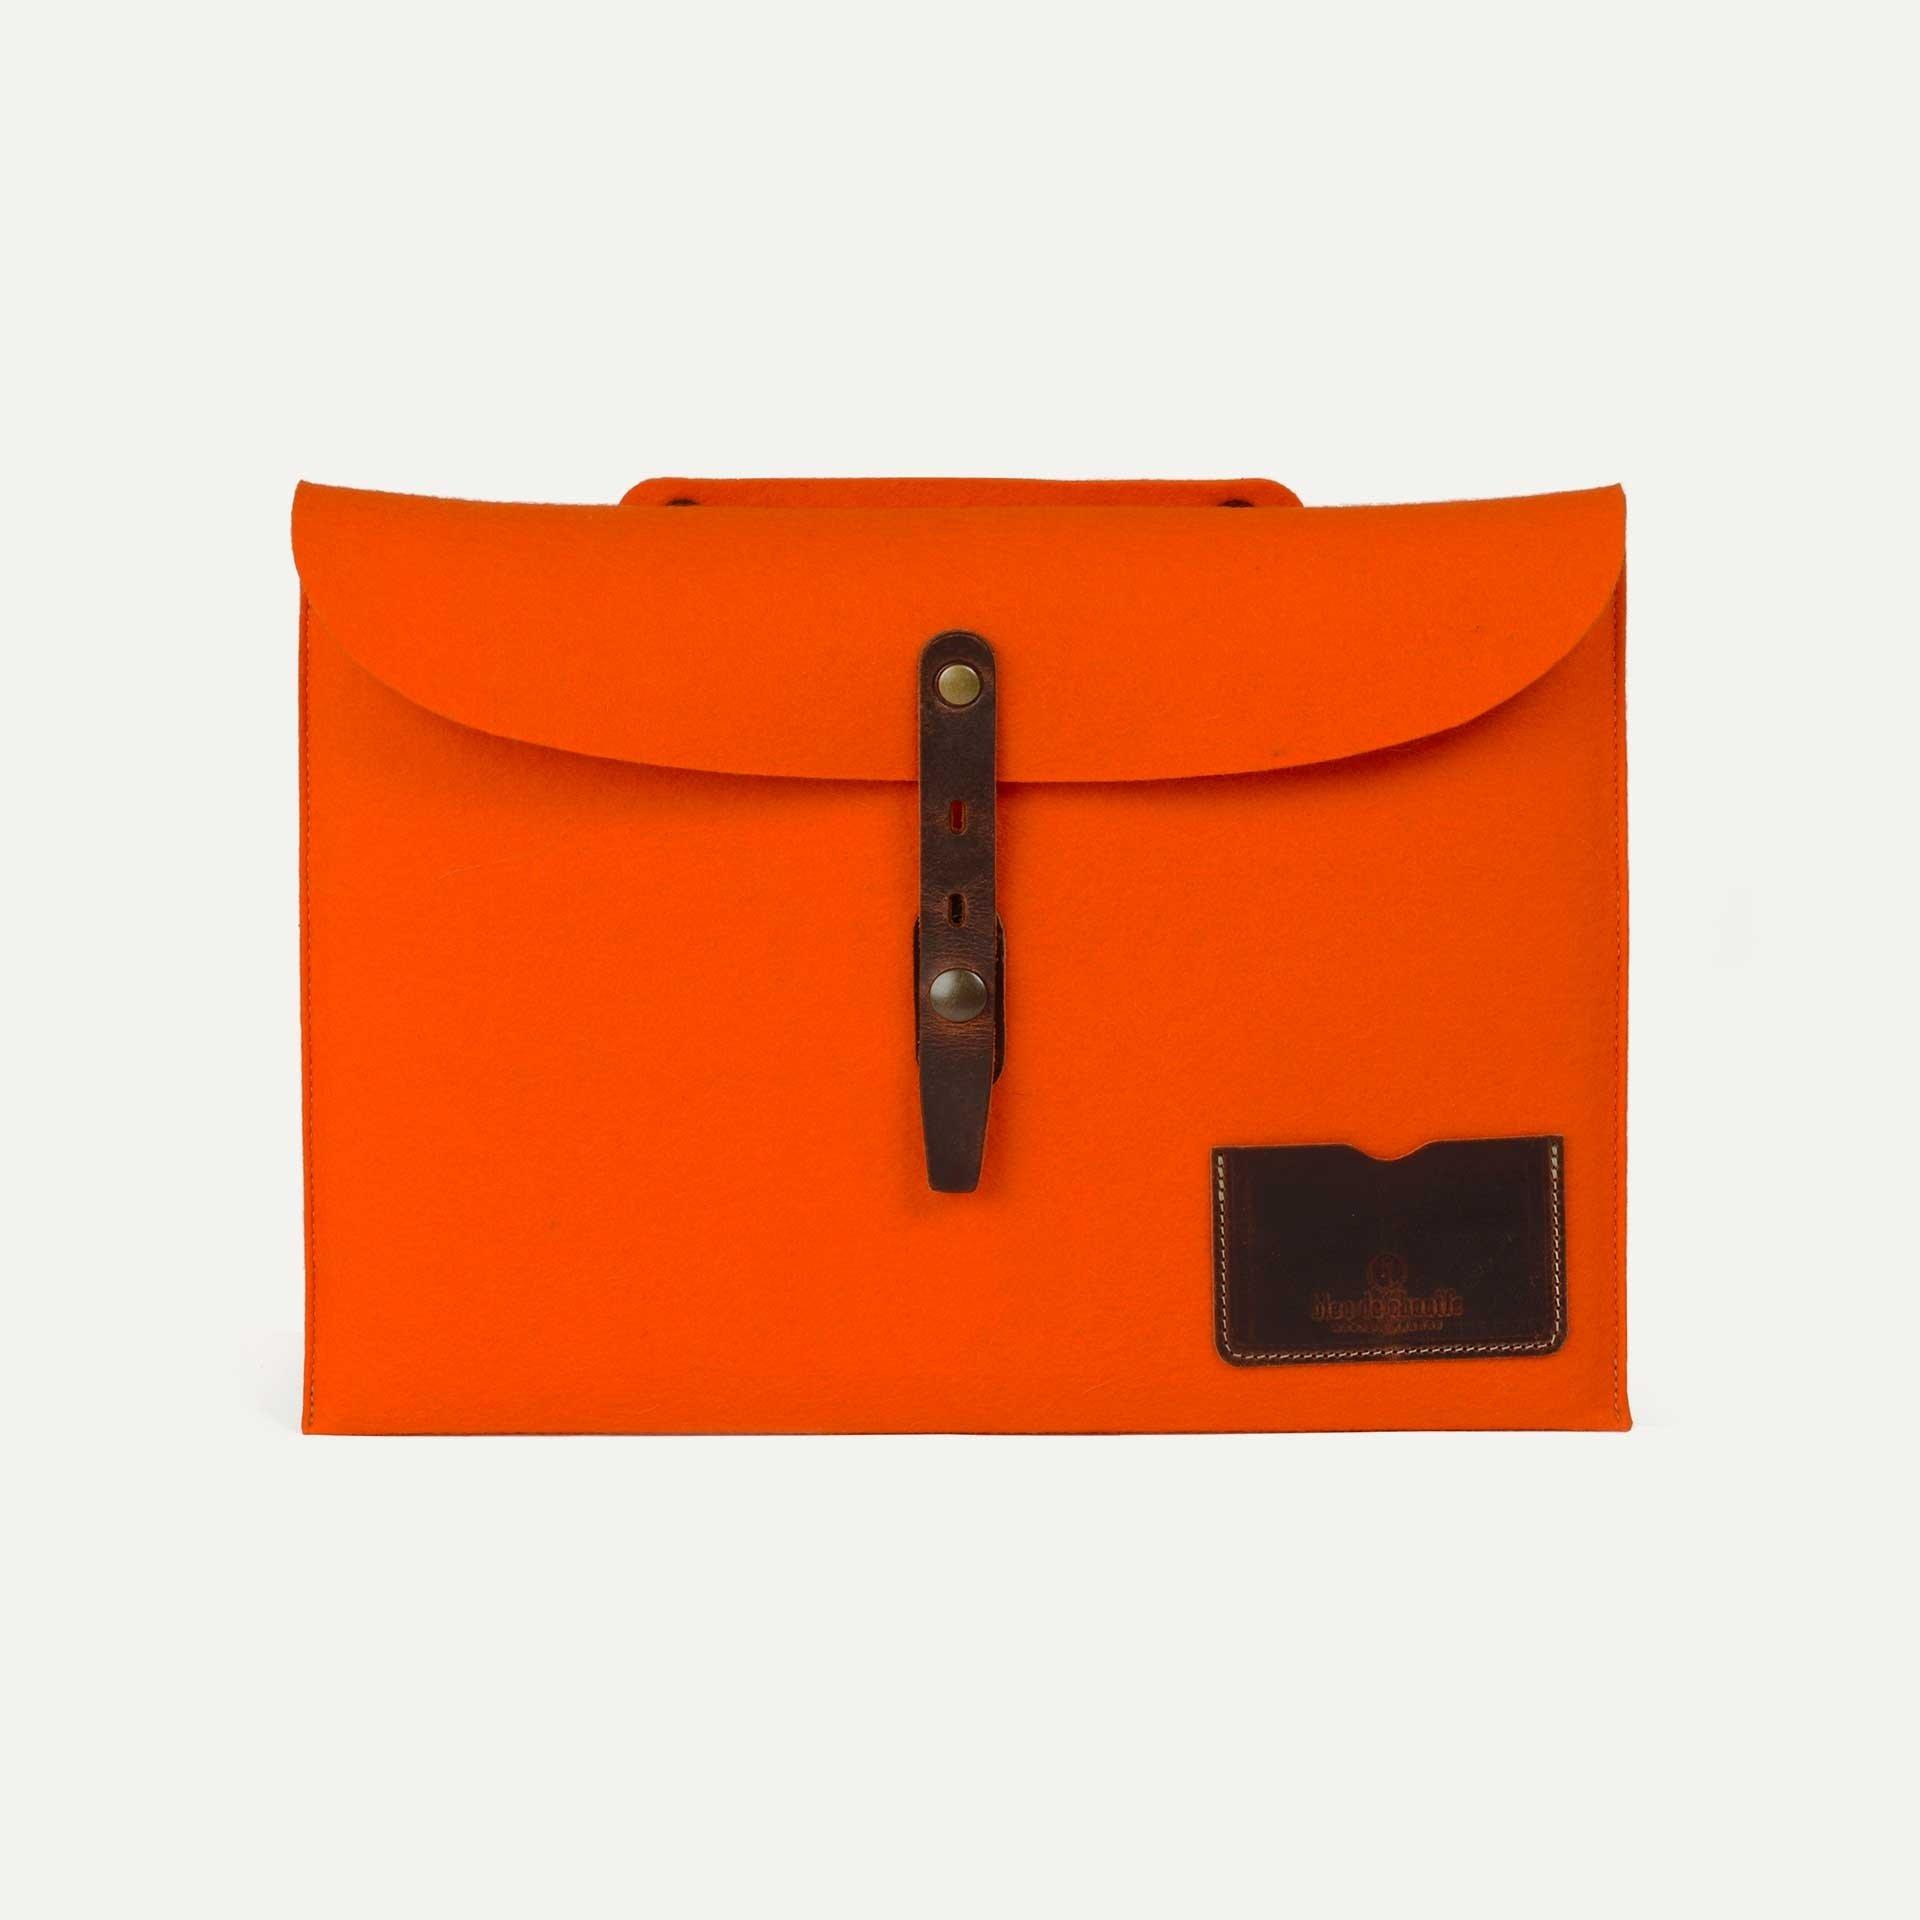 Protection ordinateur Misha 13 - Feutre Orange (image n°1)